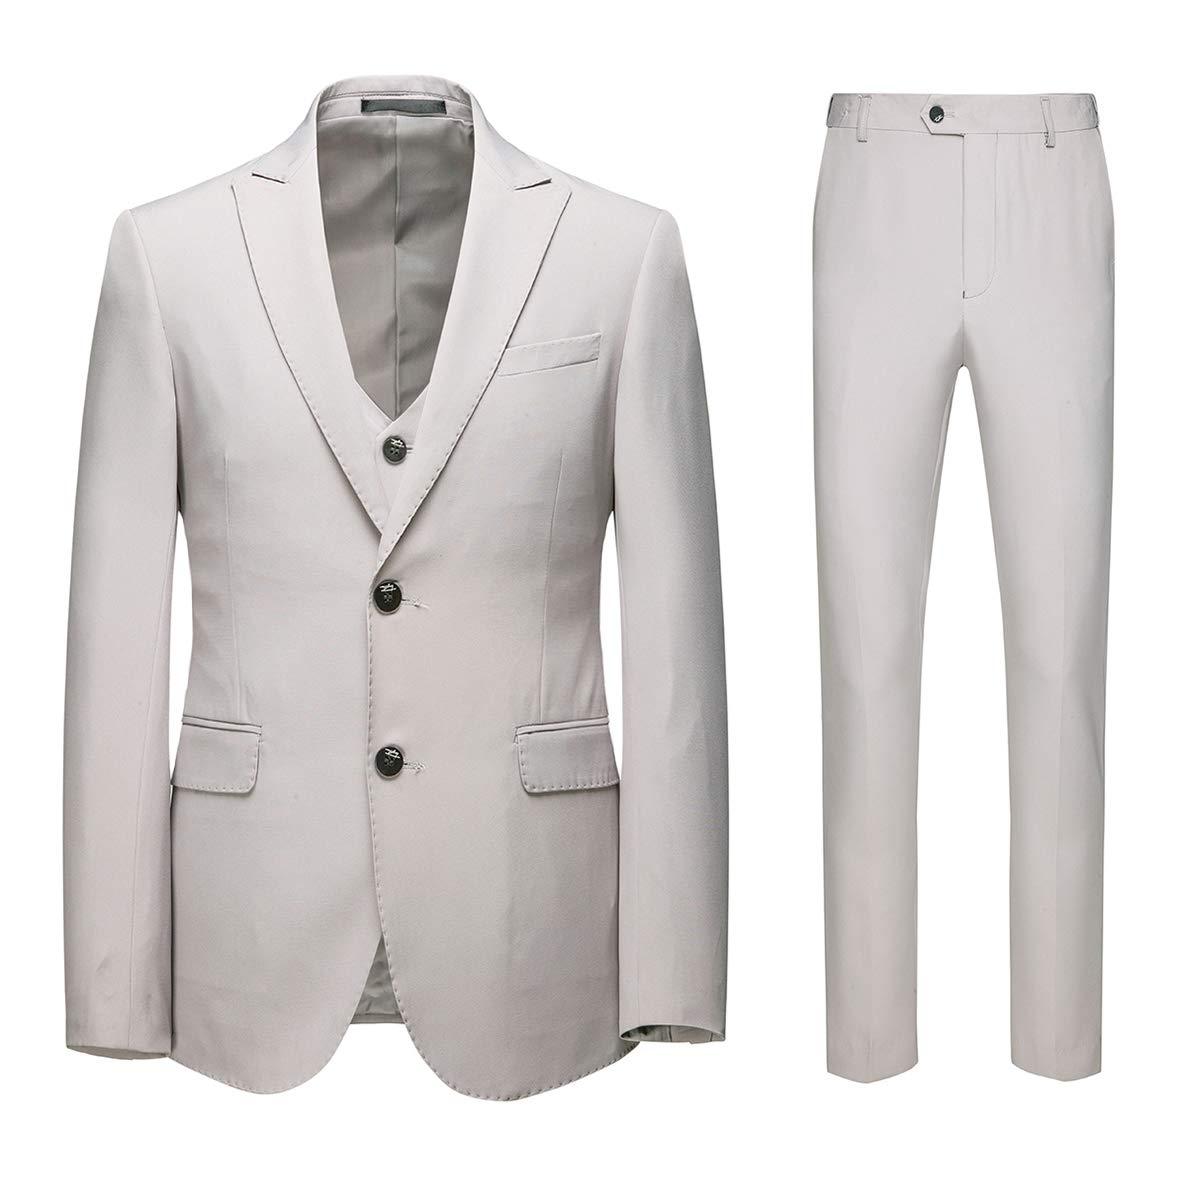 iClosam Mens Slim Fit 3 Piece Suit Two Button Blazer Tux Vest /& Trousers